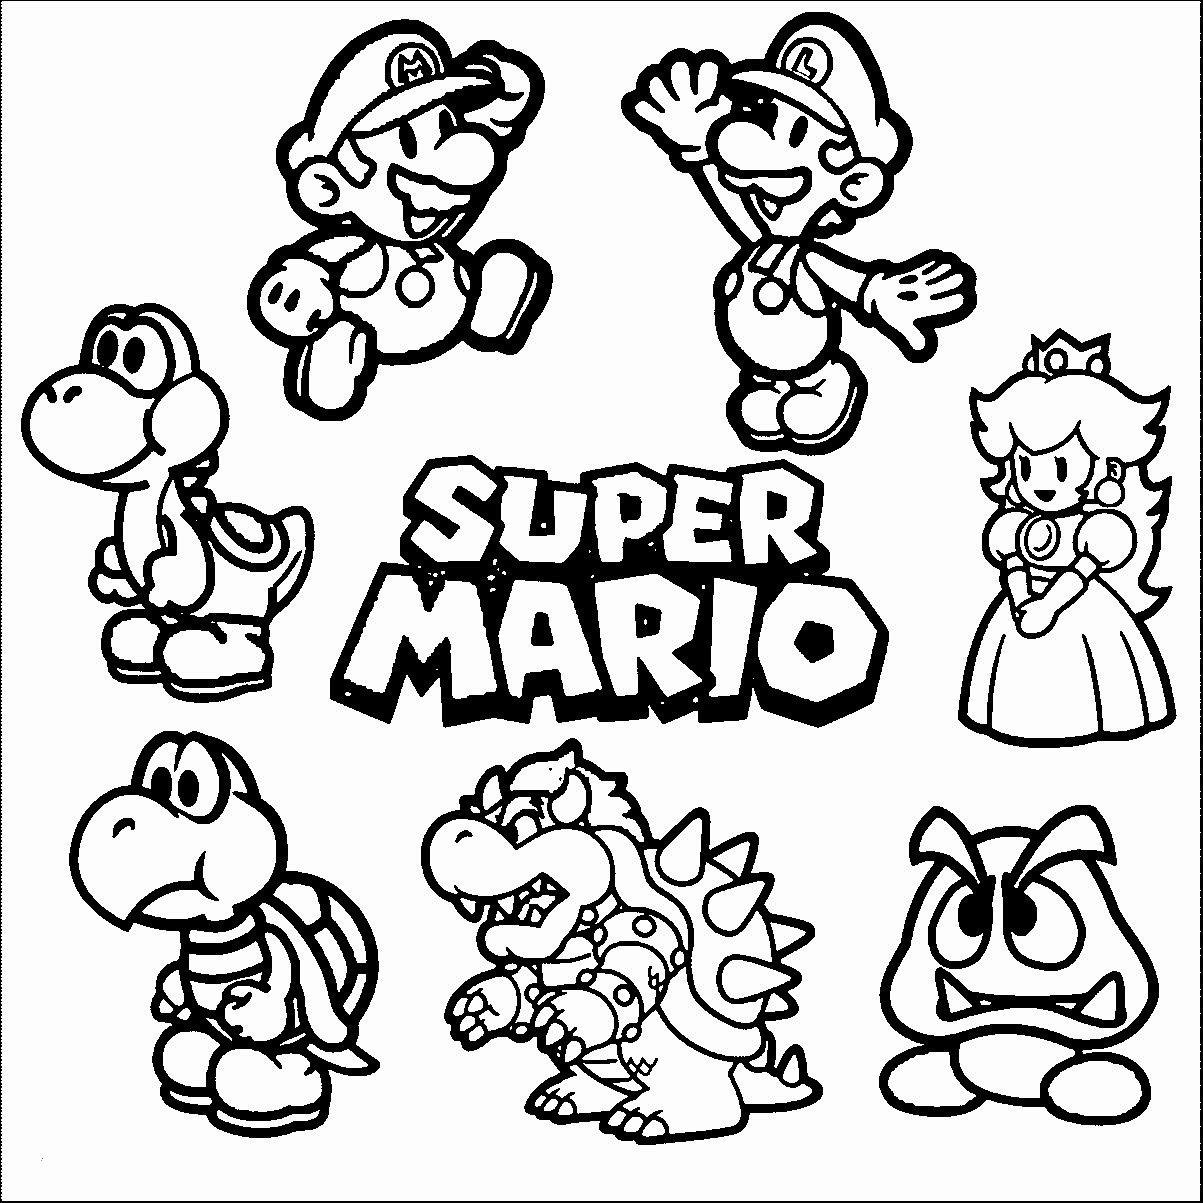 Mario Kart Ausmalbilder Frisch Mario Bros Ausmalbilder Neu Ausmalbilder Mario Bros Schön Stock